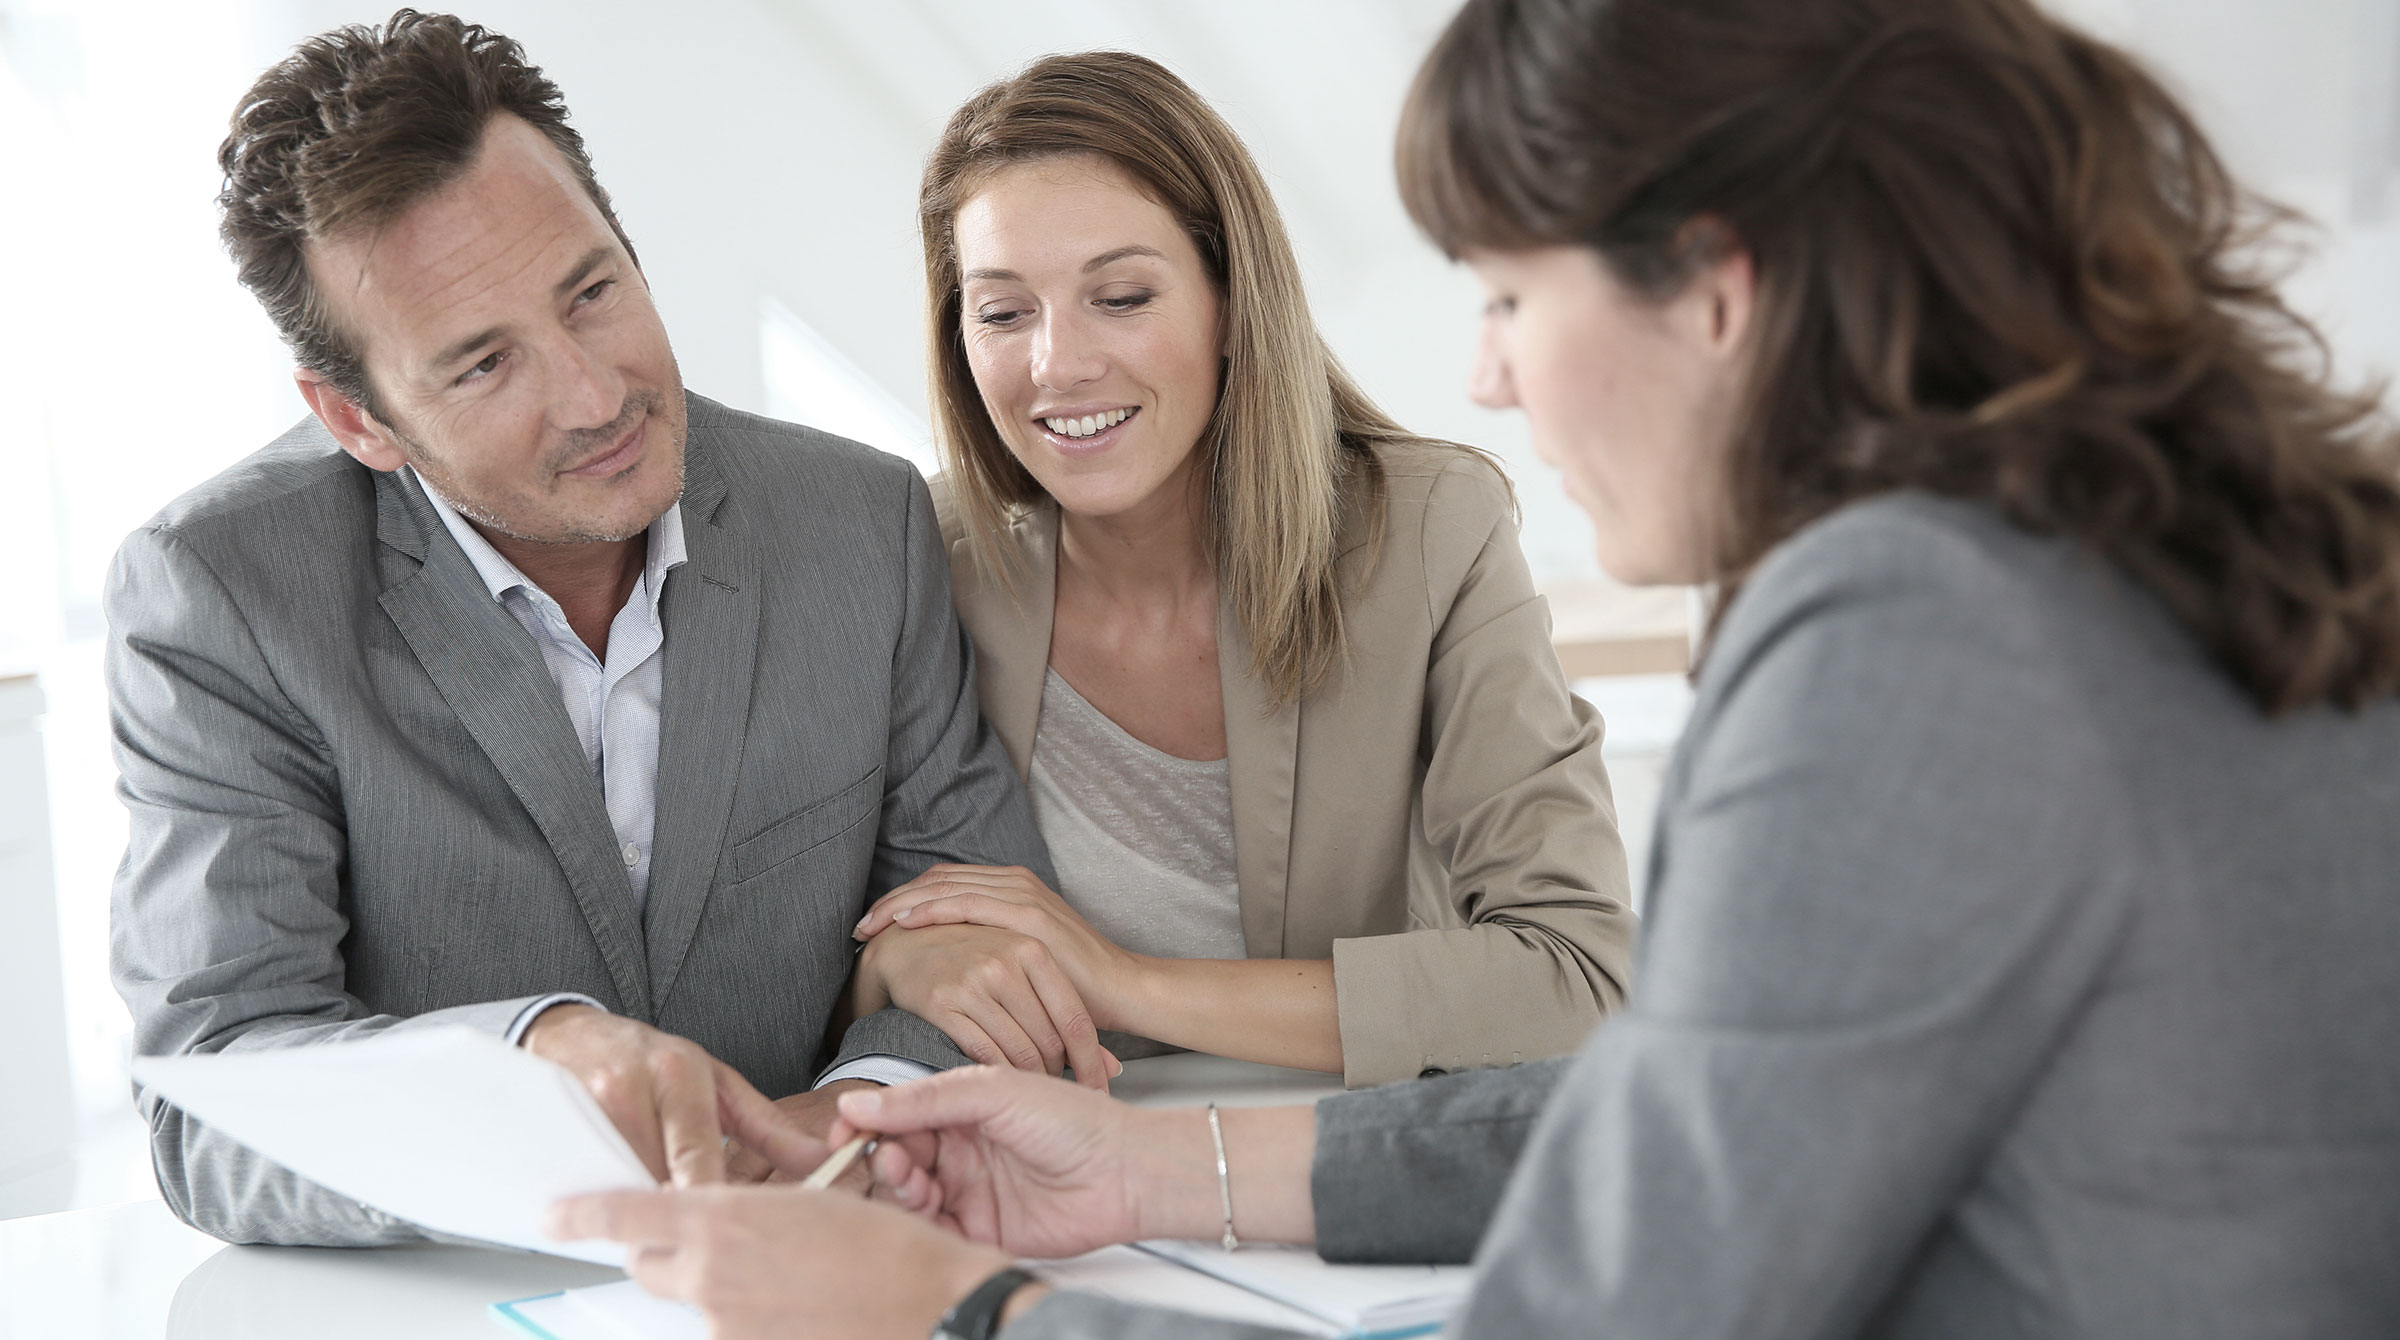 Introbild Anschlussfinanzierung